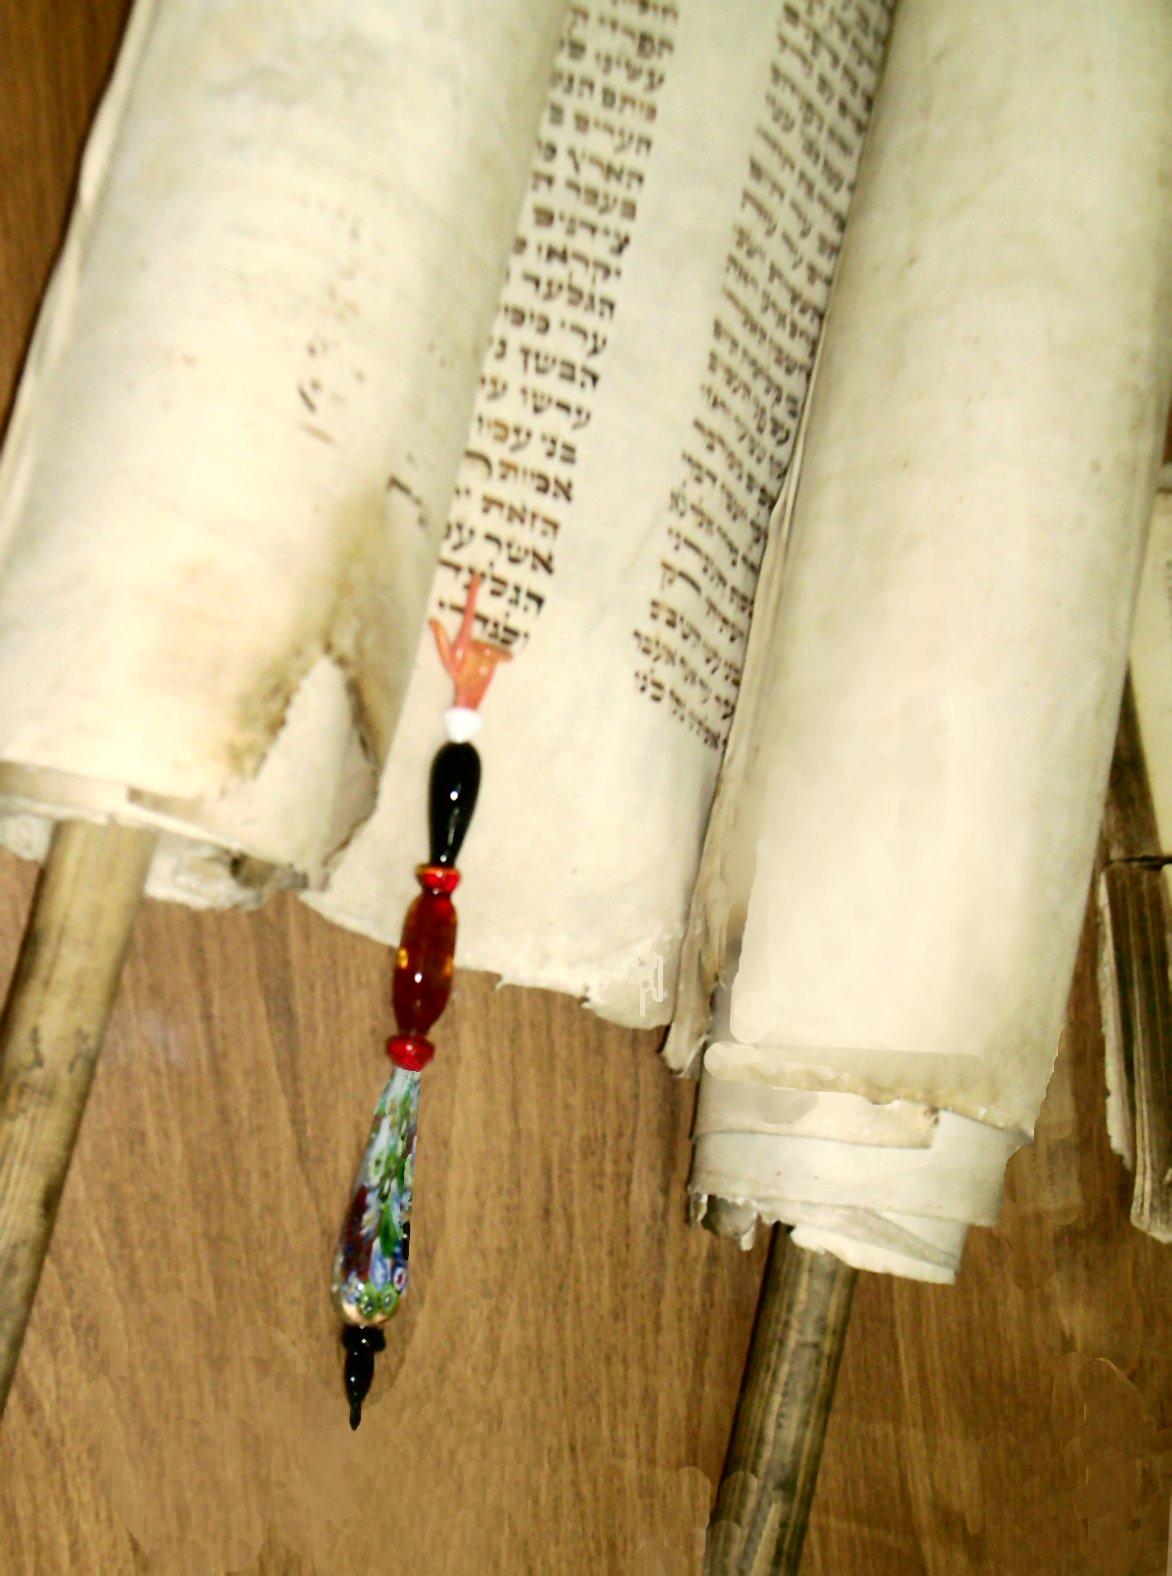 jad judaizm � wikipedia wolna encyklopedia